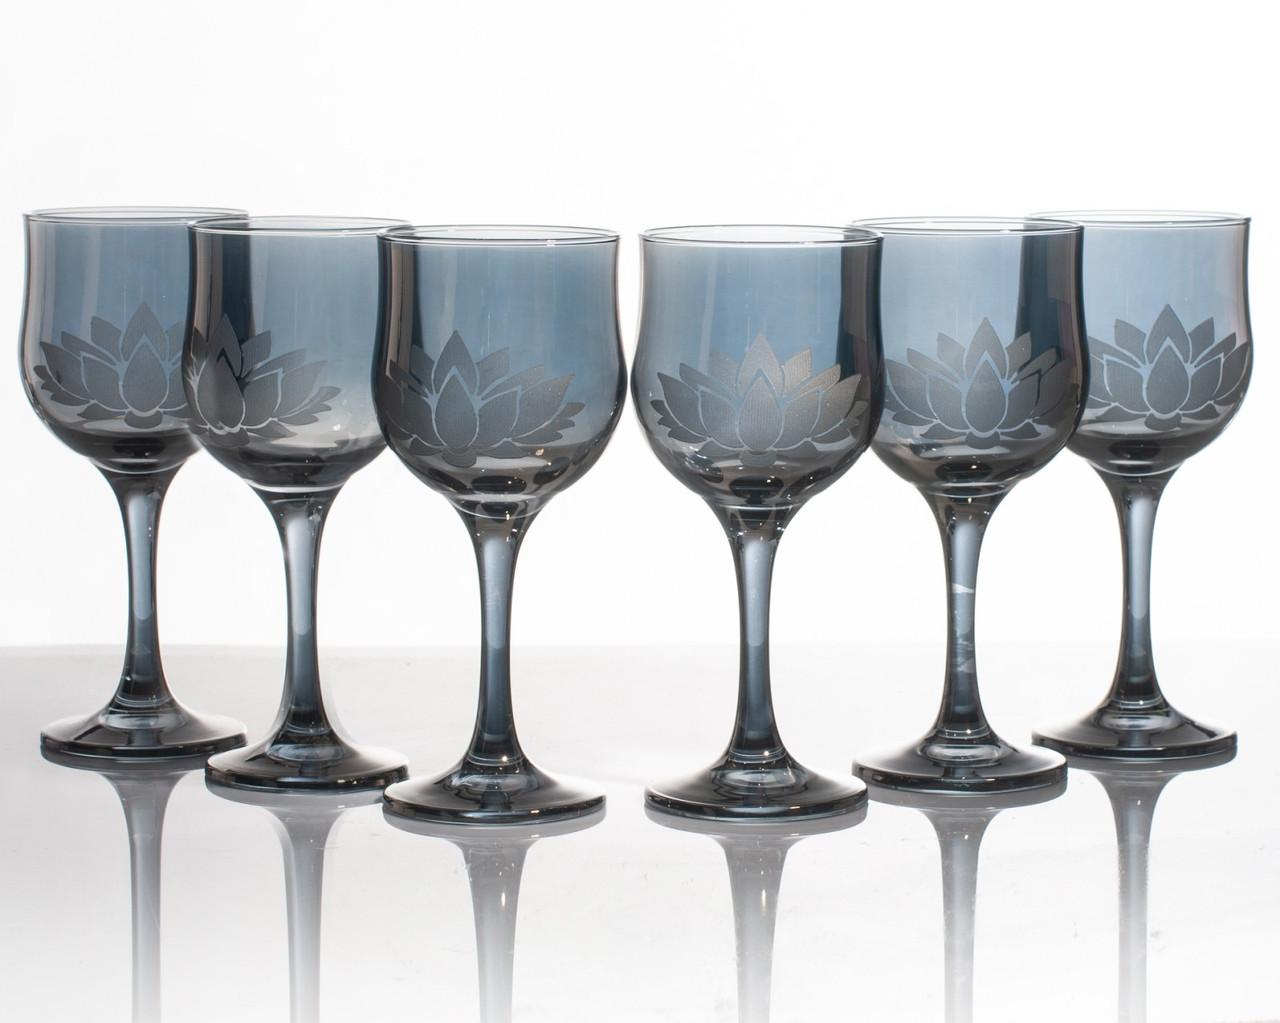 Набор бокалов Лотос аметист для вина 240 мл, 6 шт.